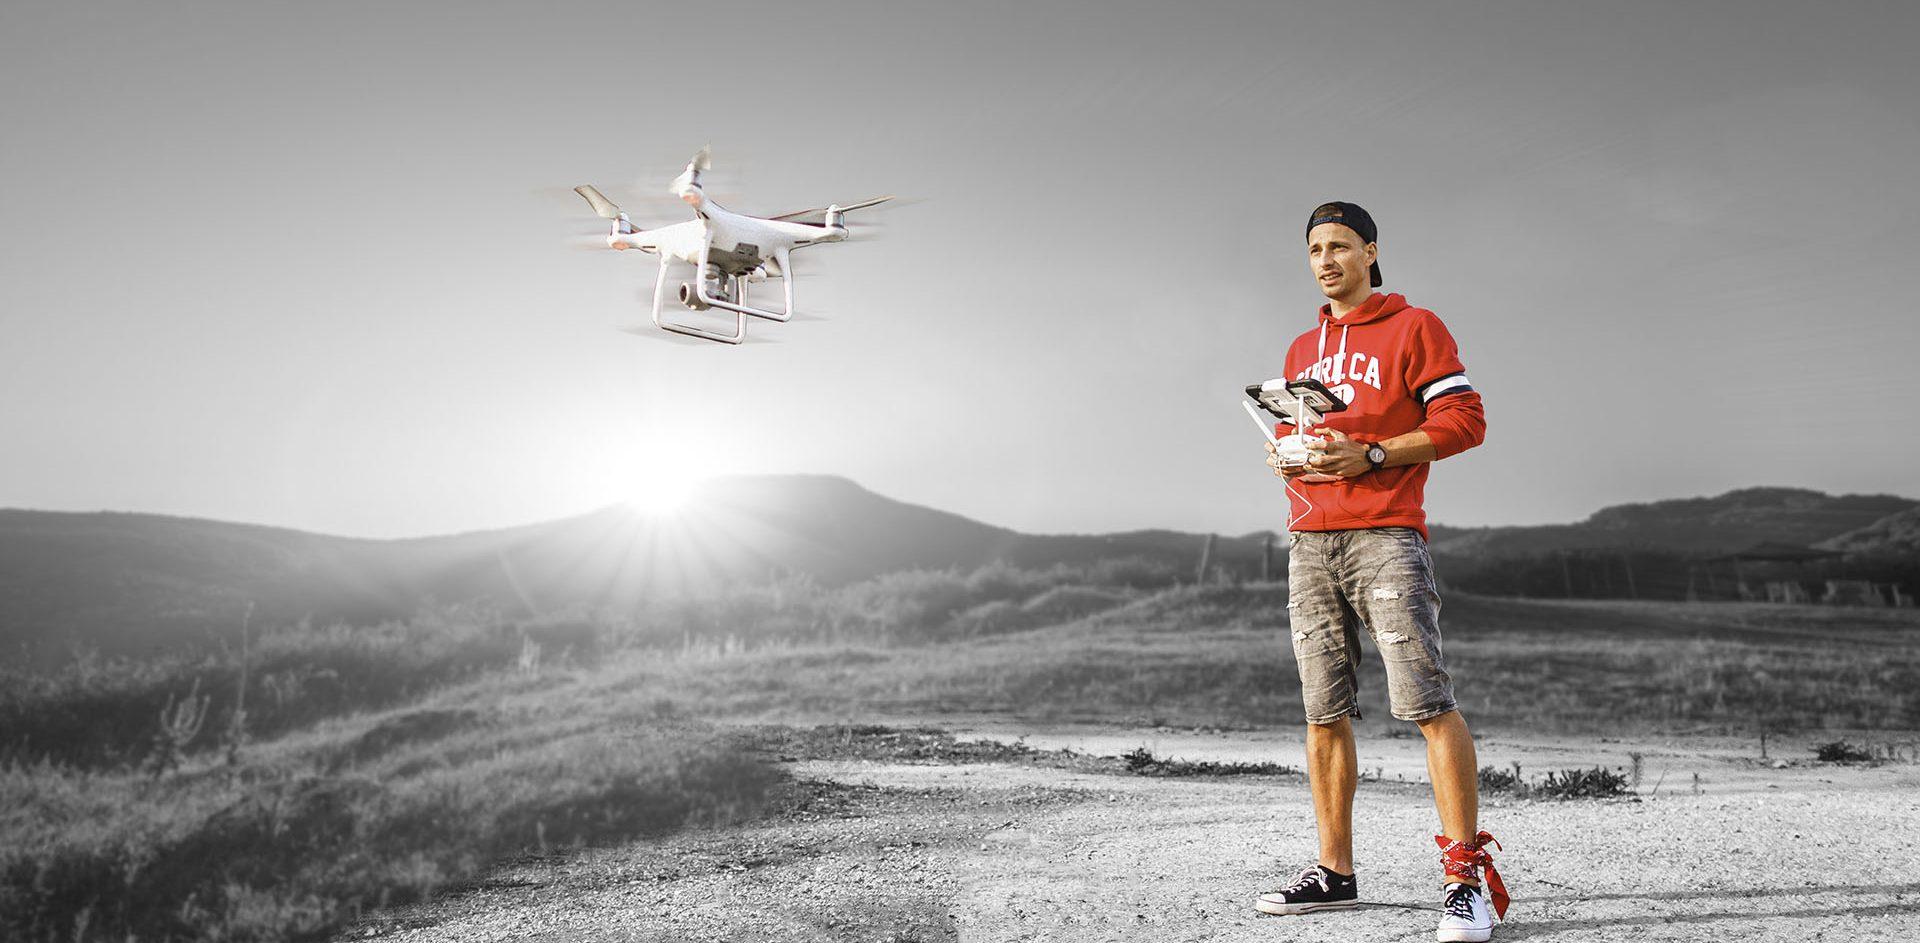 Letecké zábery dronom legálne